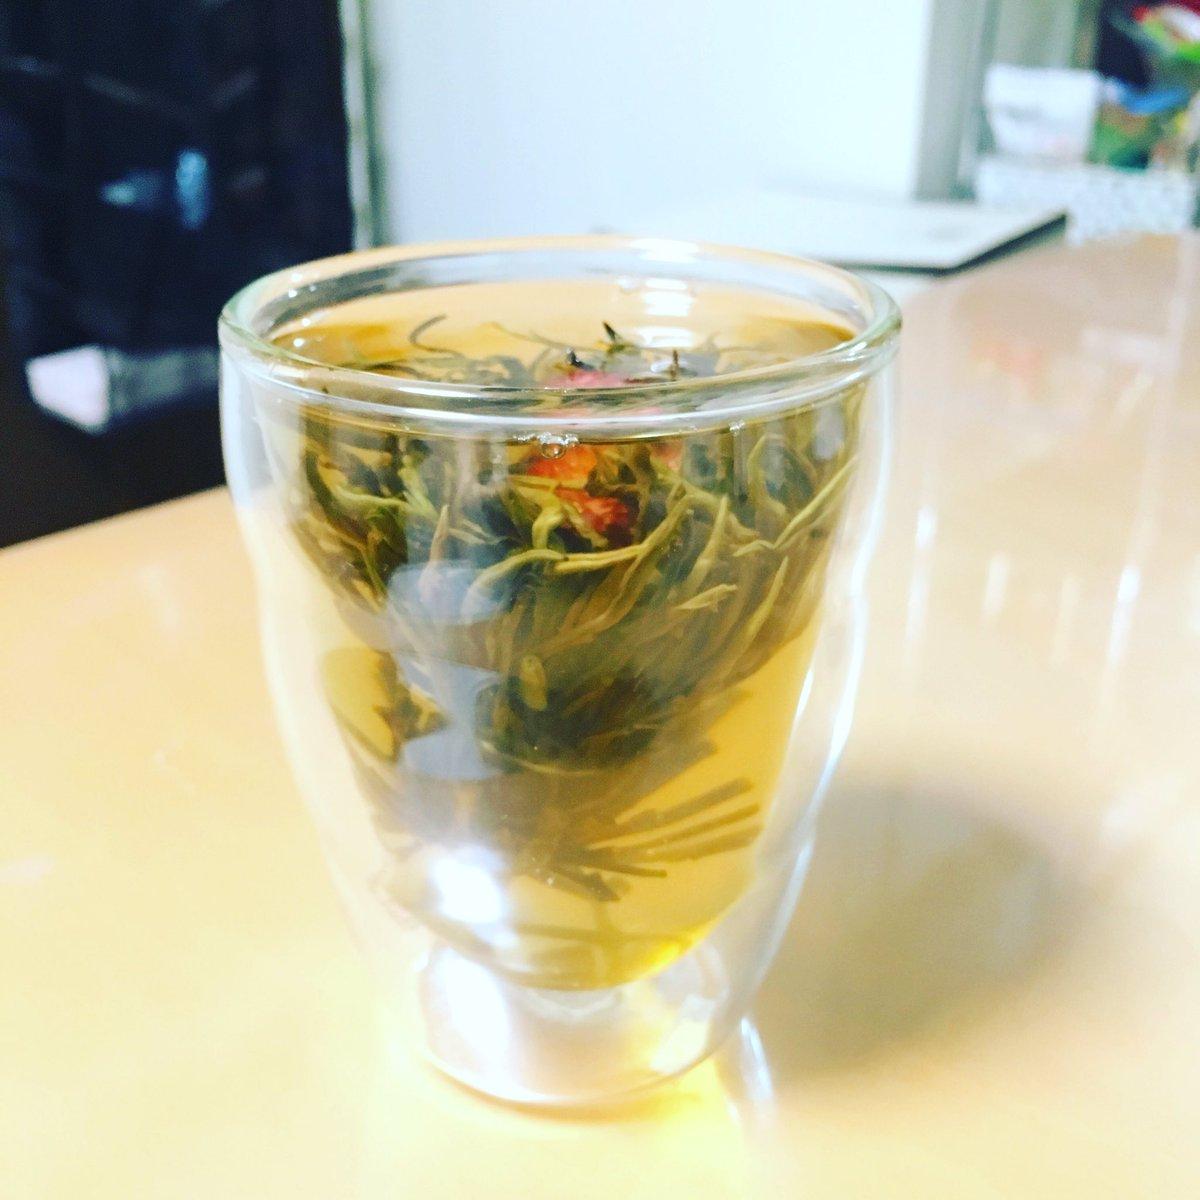 中華街で買ったジャスミン?茶   もっと綺麗に華が咲くと思ったのにどう見てもモルボルでわらた